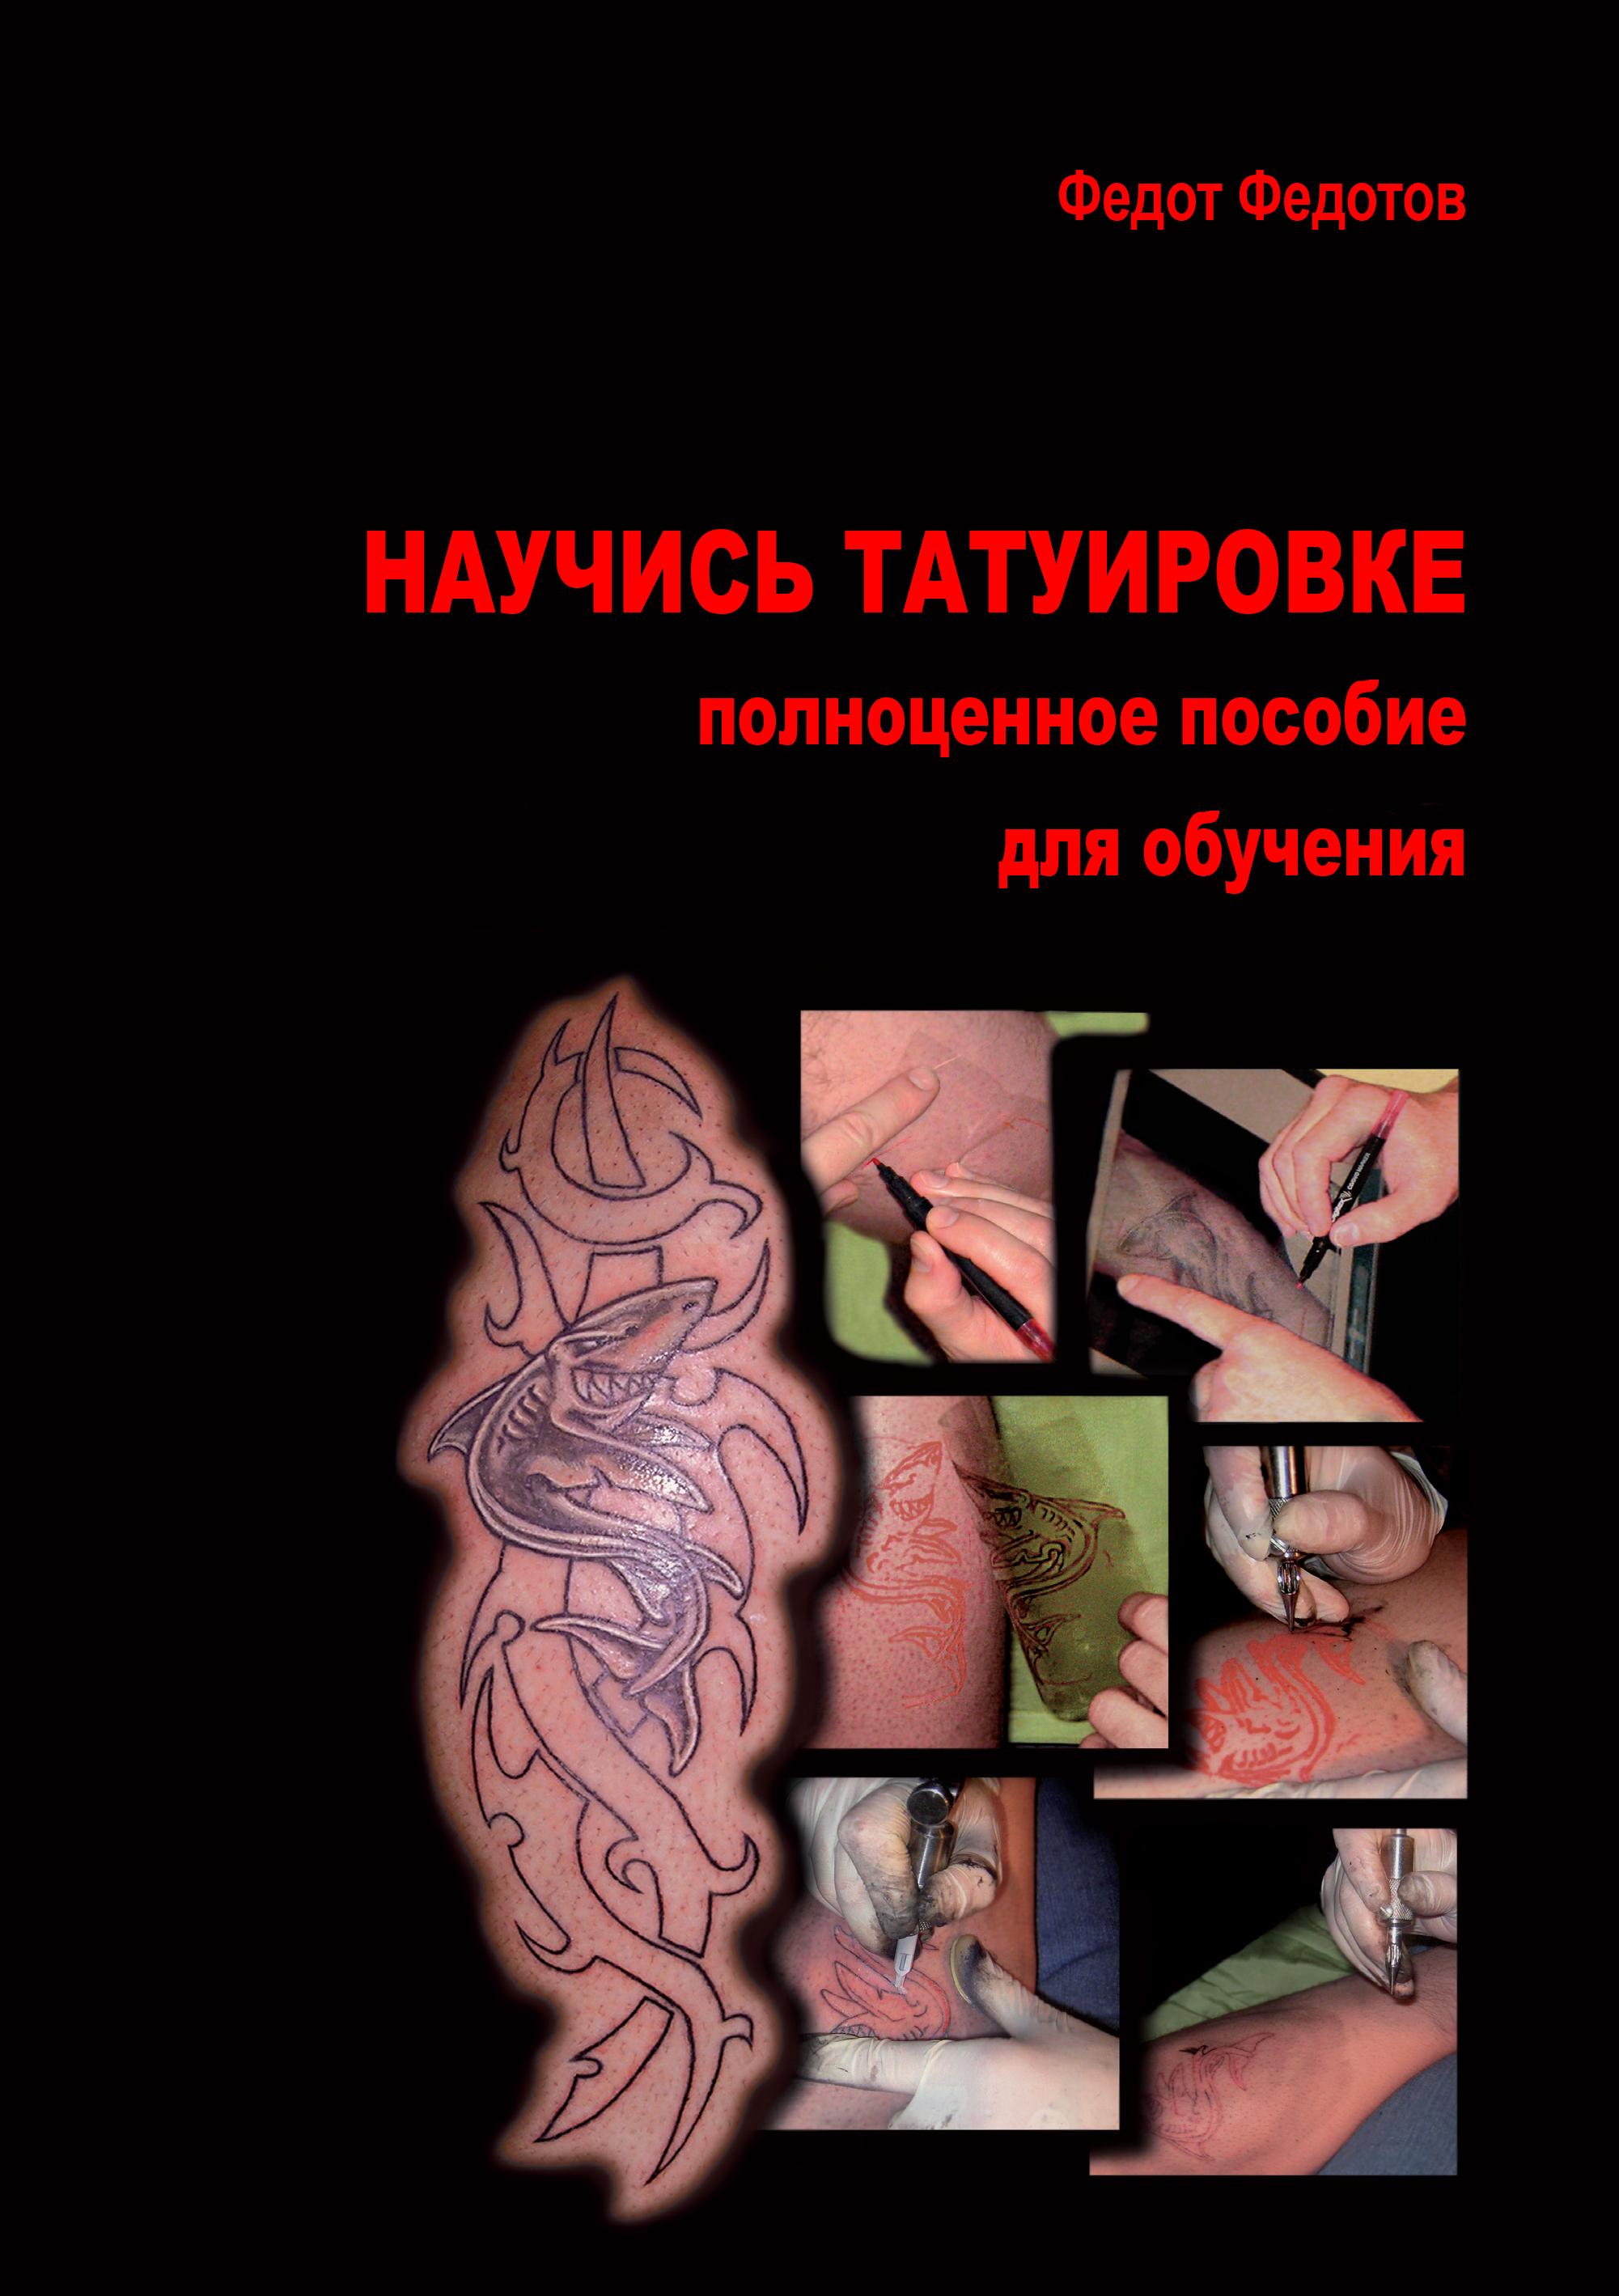 Научись татуировке. Полноценное пособие для обучения